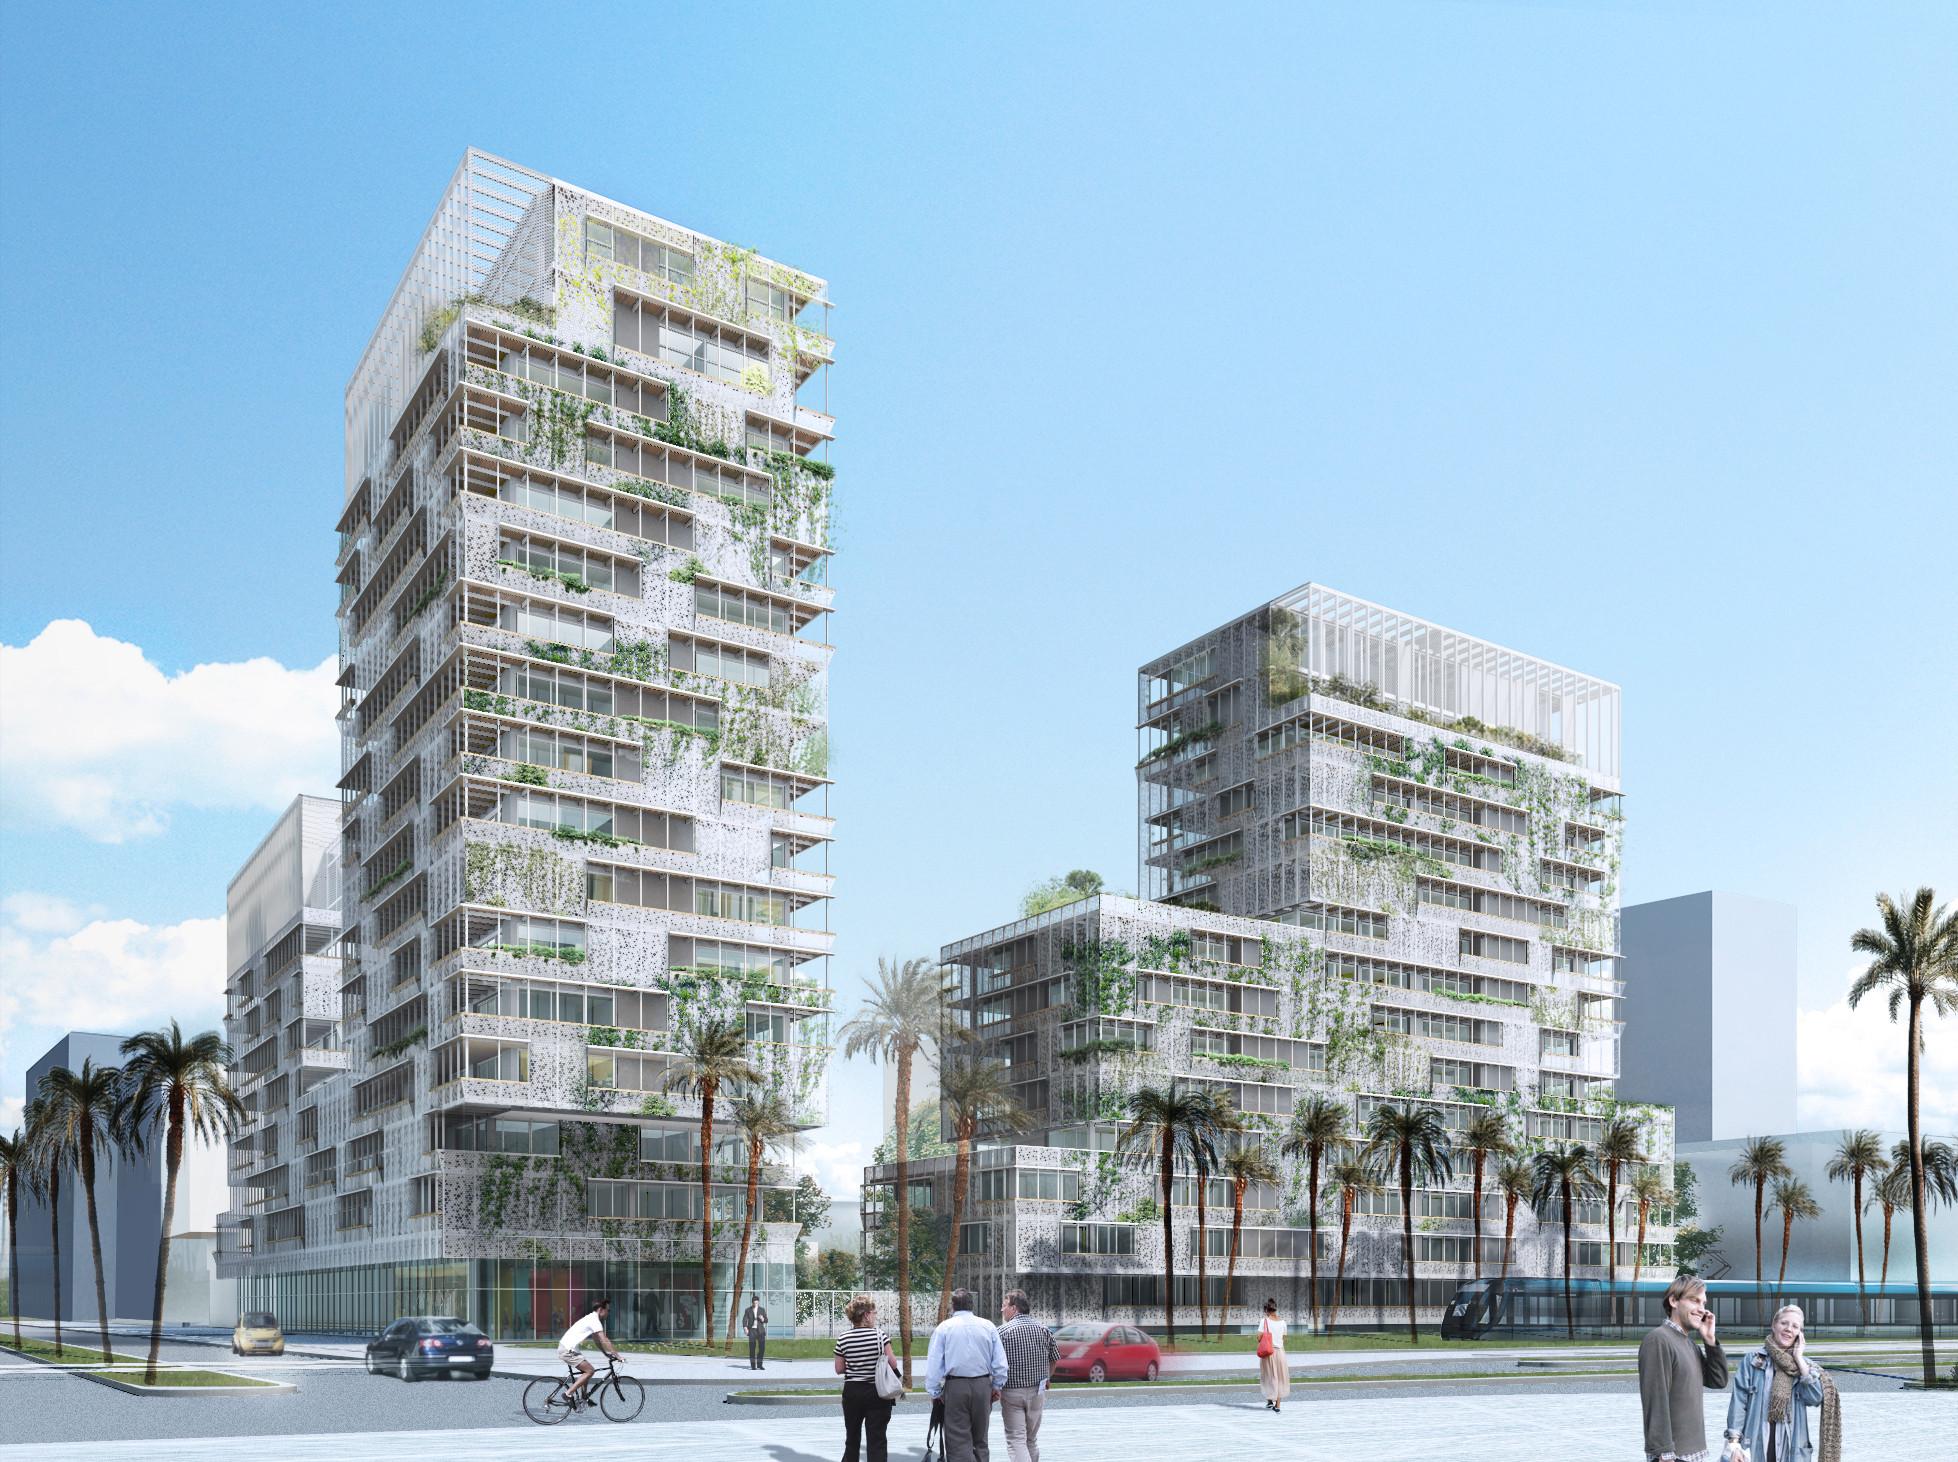 Casablaca Anfa: Herreros Arquitectos' Proposal for a Mixed-Use Building in Morocco, Courtesy of Herreros Arquitectos